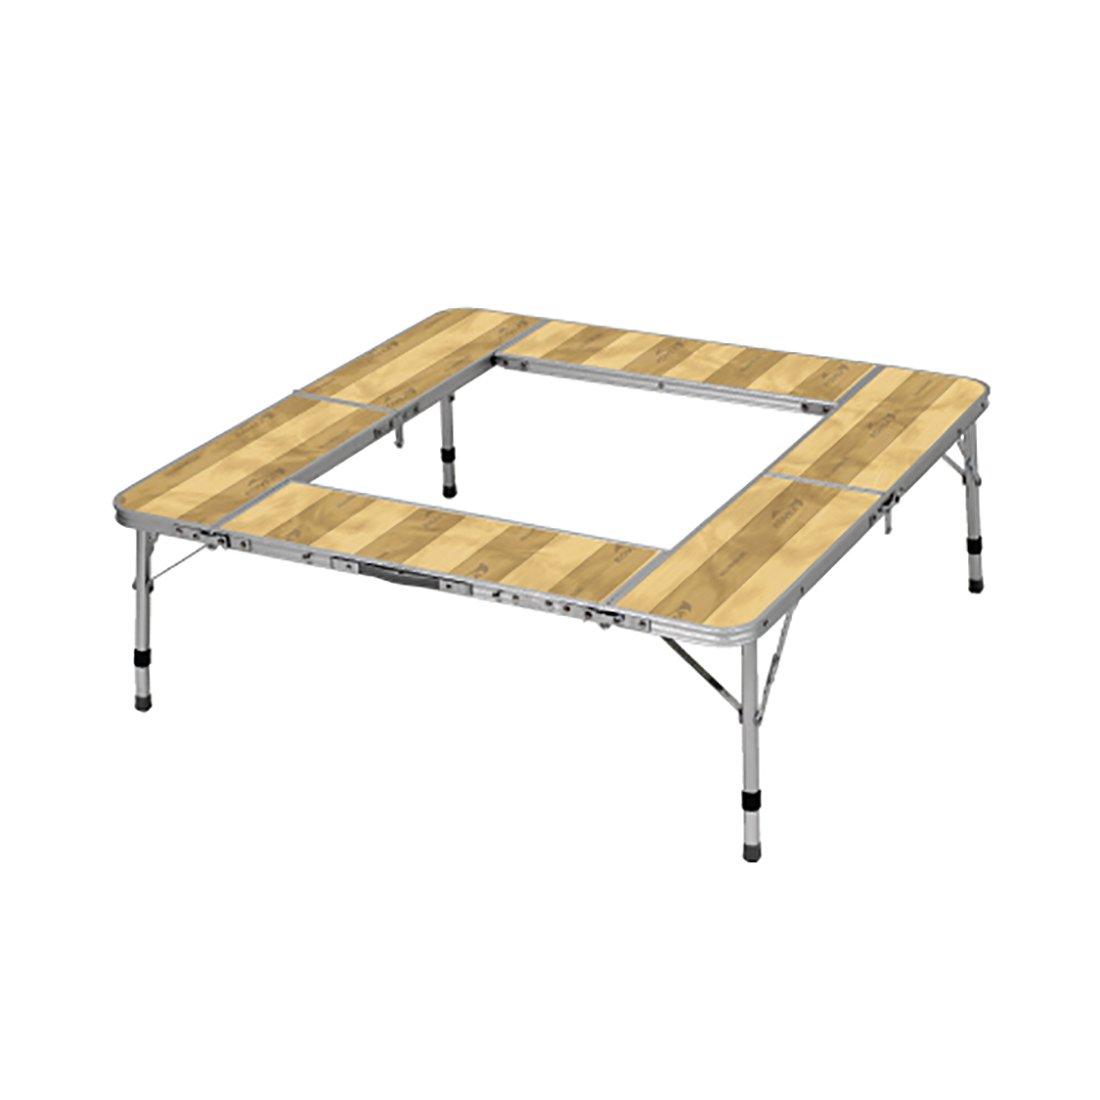 Fire Camp Table II by Kovea